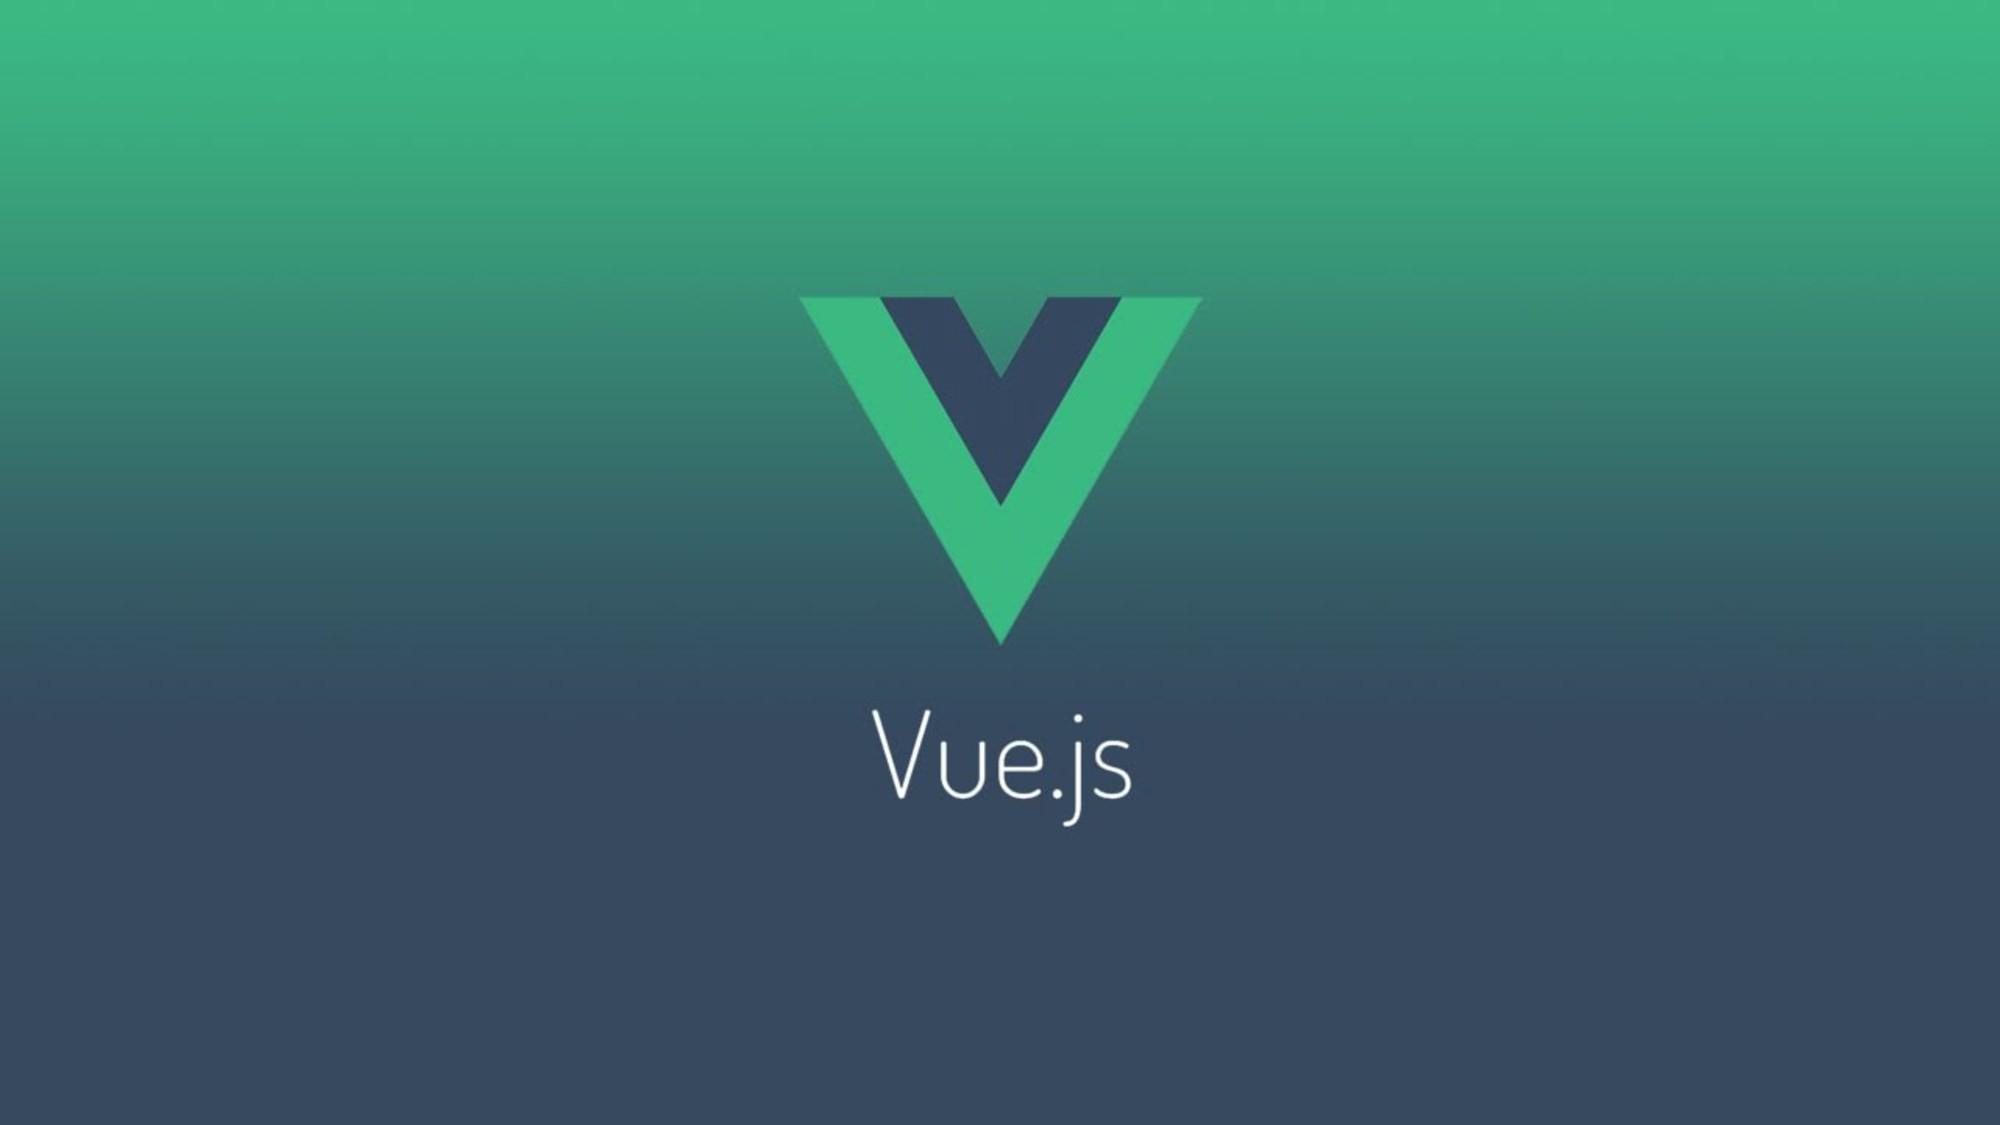 Vue.js logo on a brand color backround